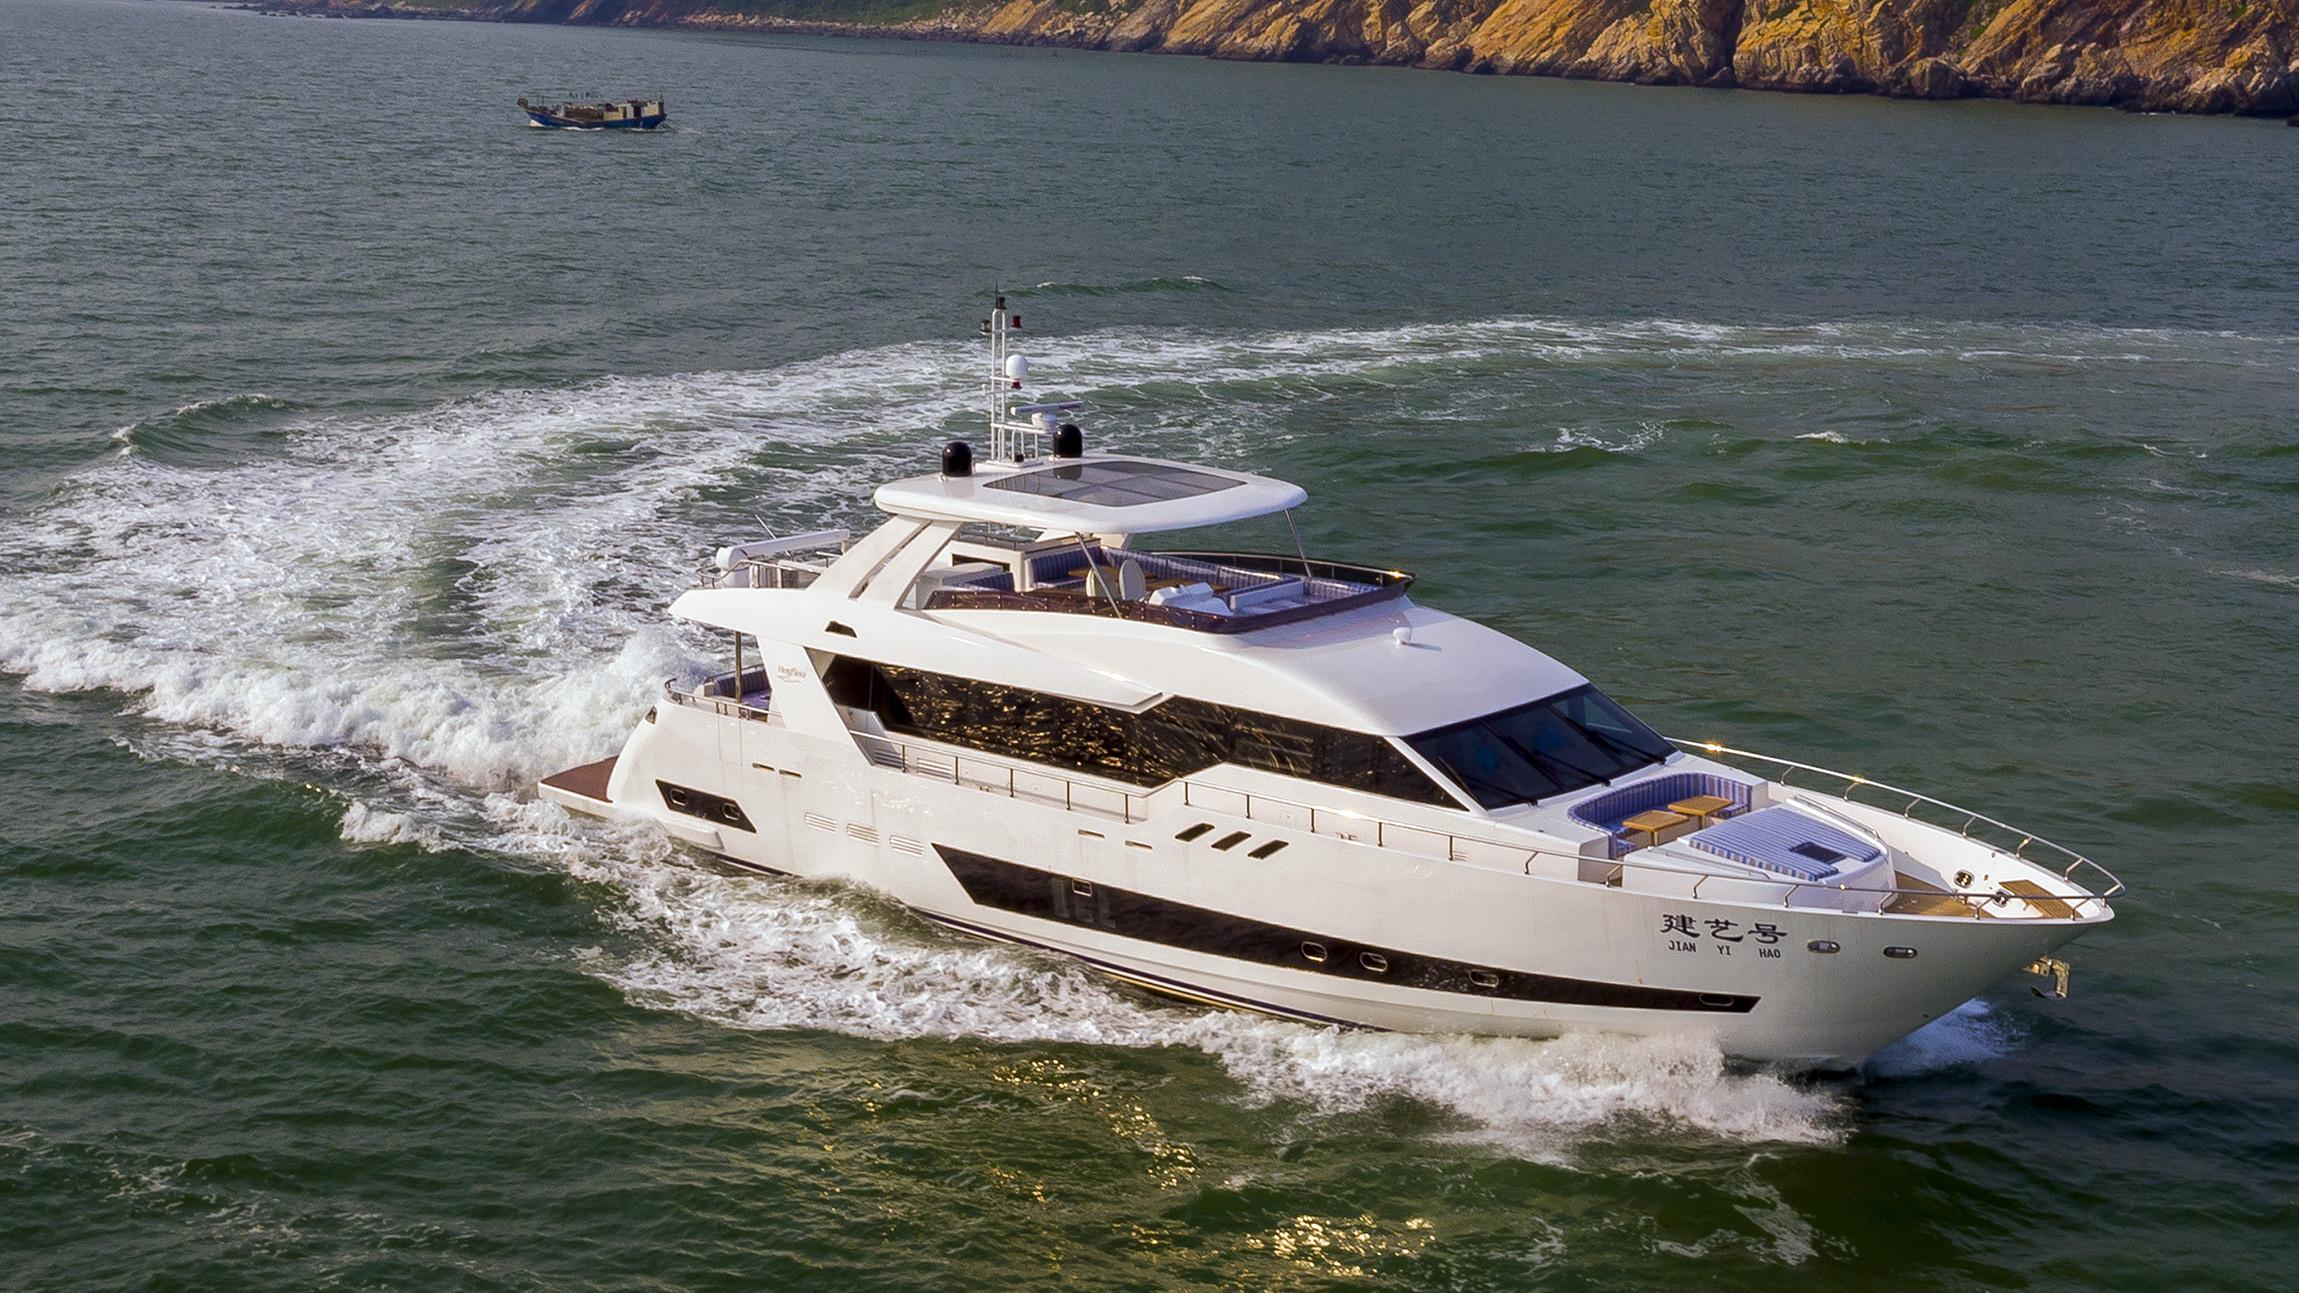 asteria 96 hull 1 motoryacht heysea 29m 2017 half profile